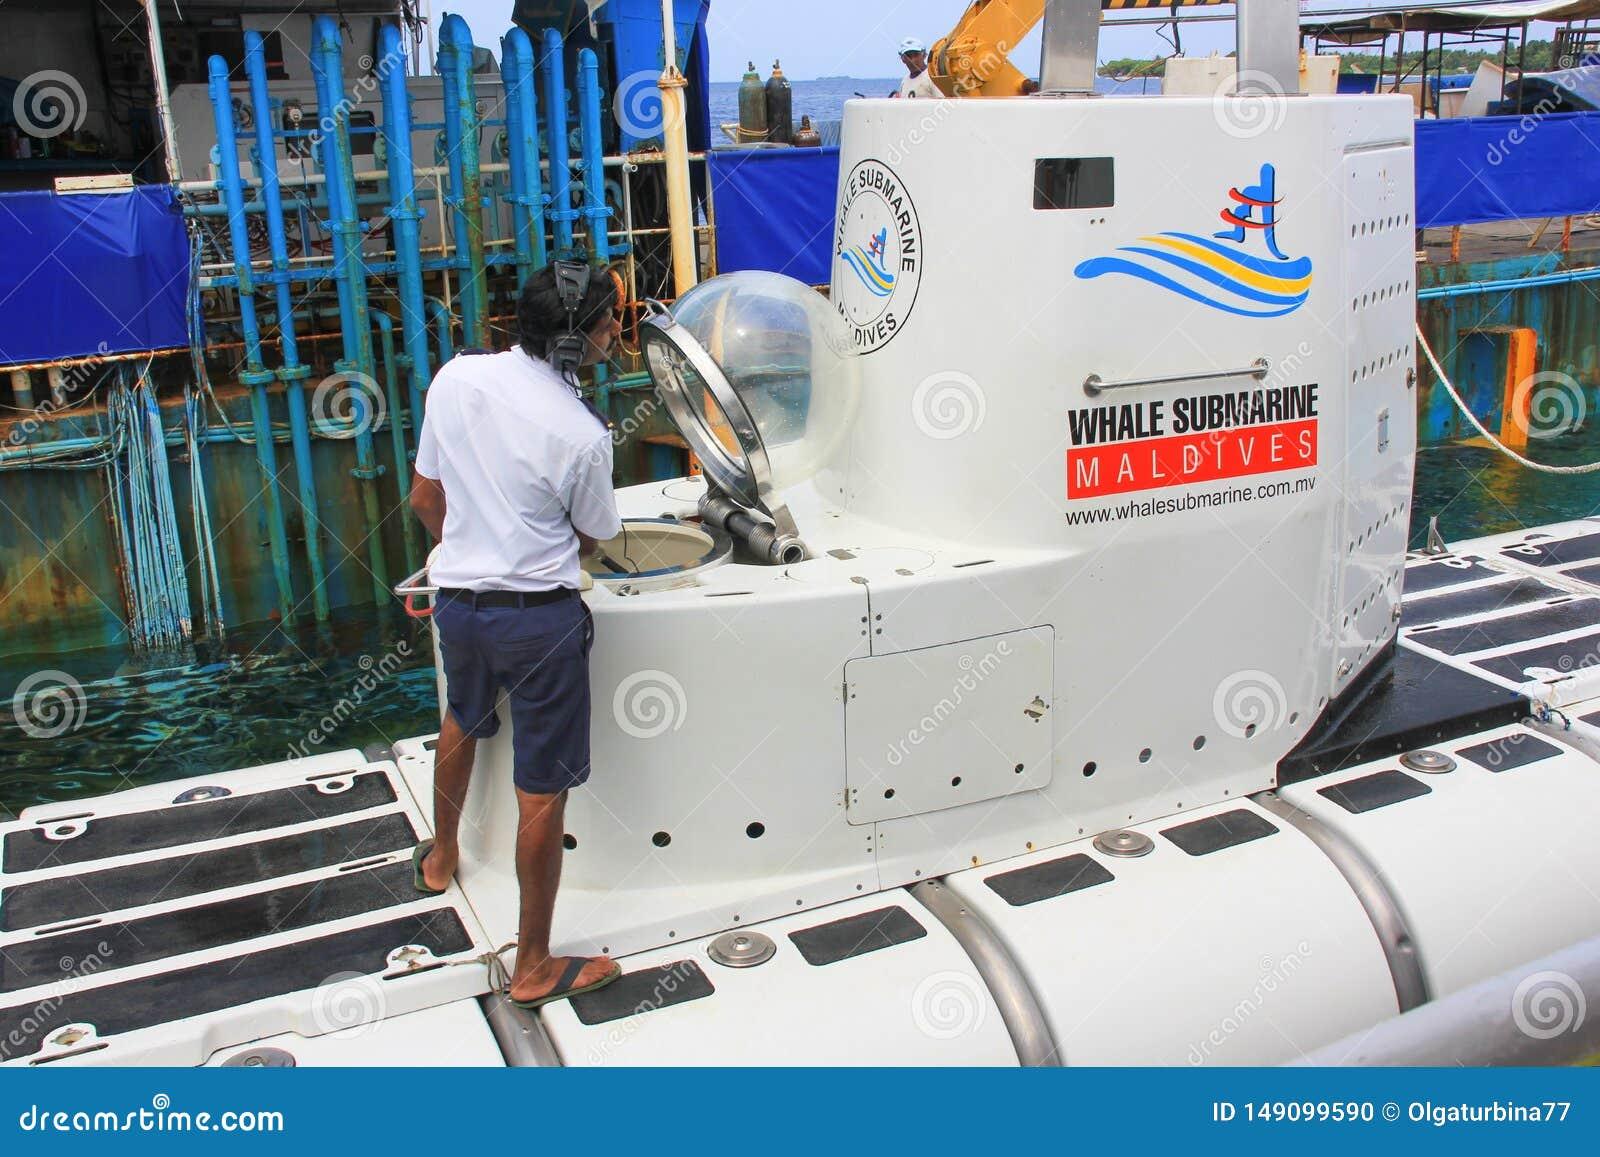 Der Kapit?n des touristischen wei?en Unterseeboots im Hafen des Mannes macht eine letzte Inspektion vor der Immersion